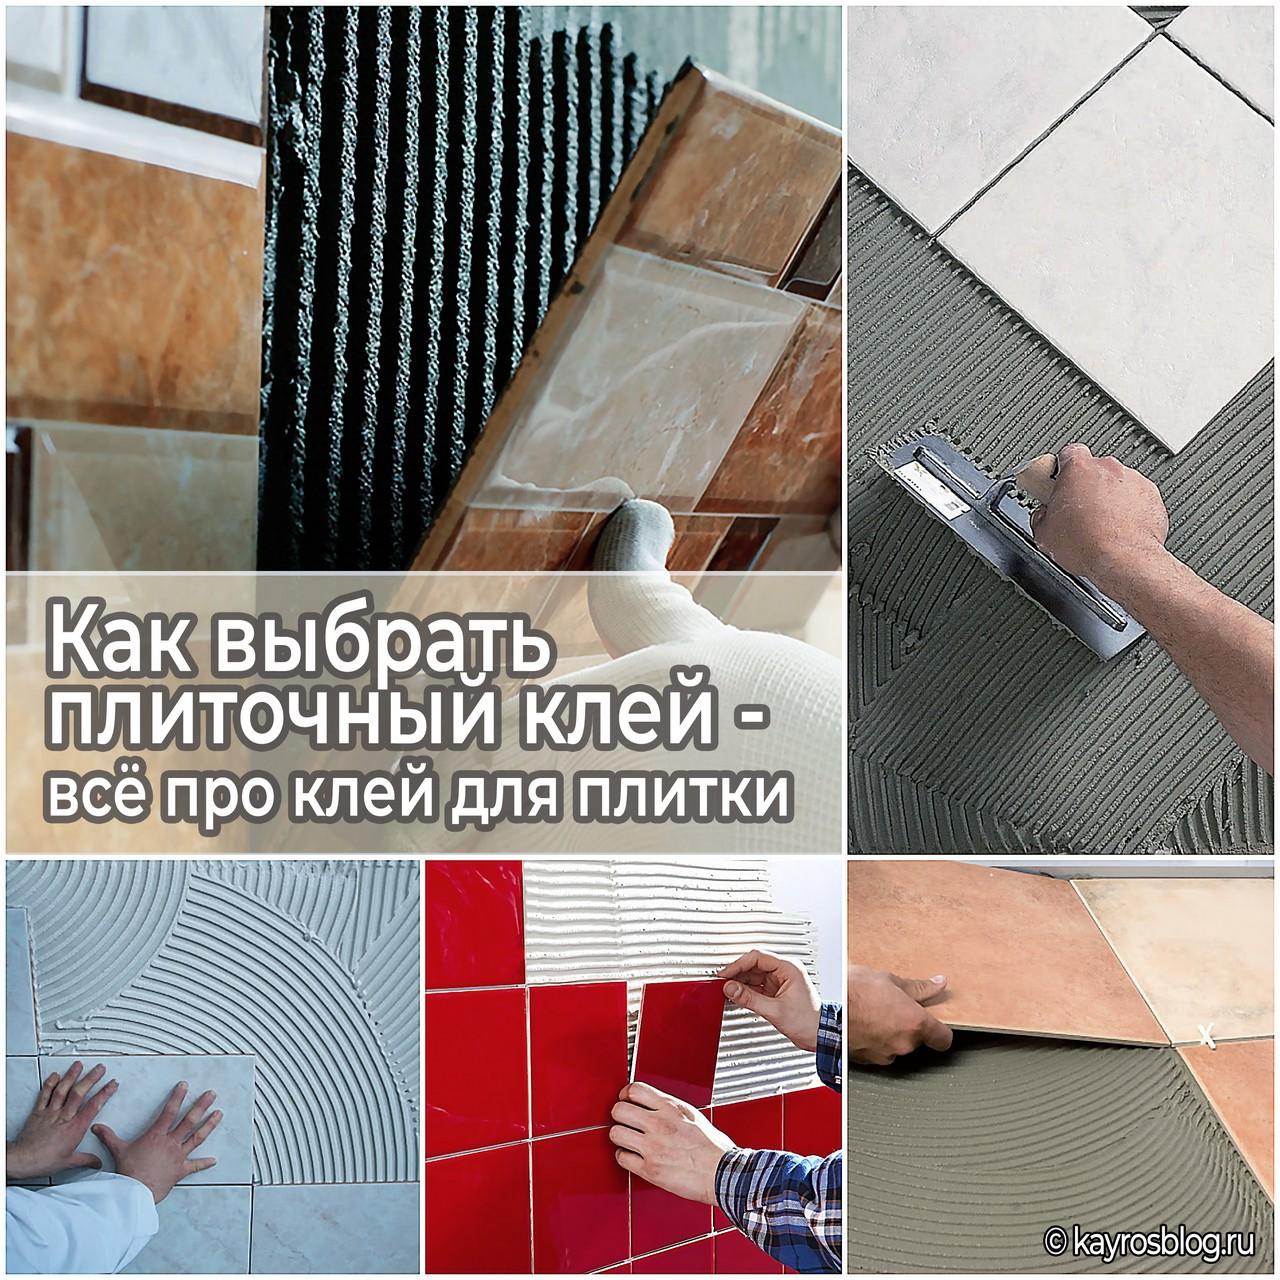 Как выбрать плиточный клей - всё про клей для плитки